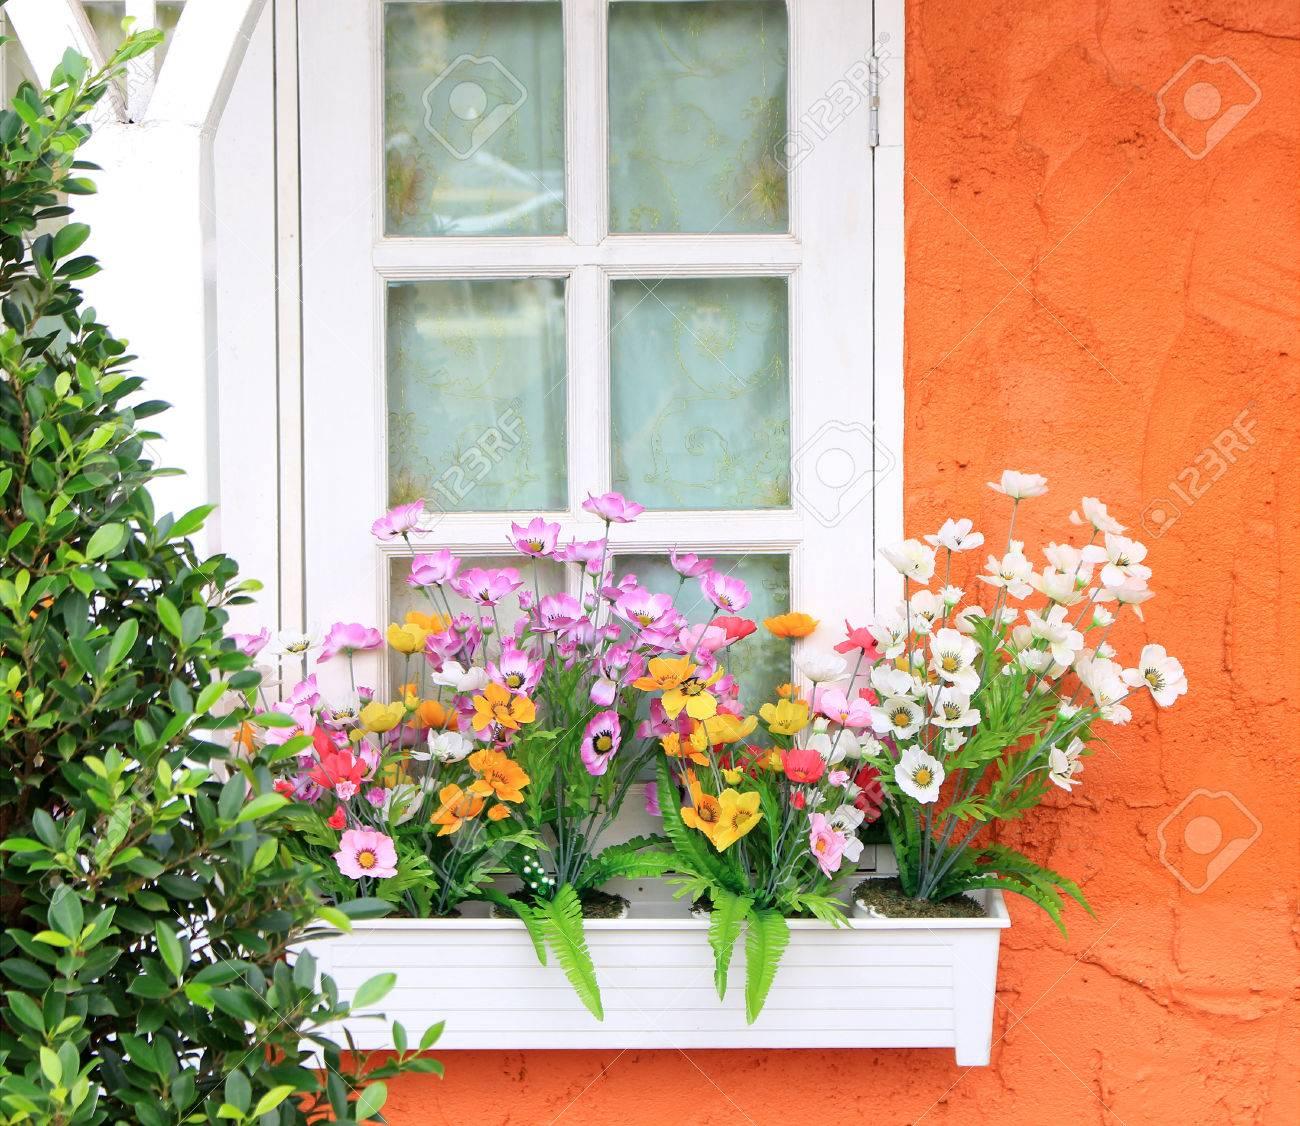 Blumenkasten Im Fenster Der Orange Gebaude Lizenzfreie Fotos Bilder